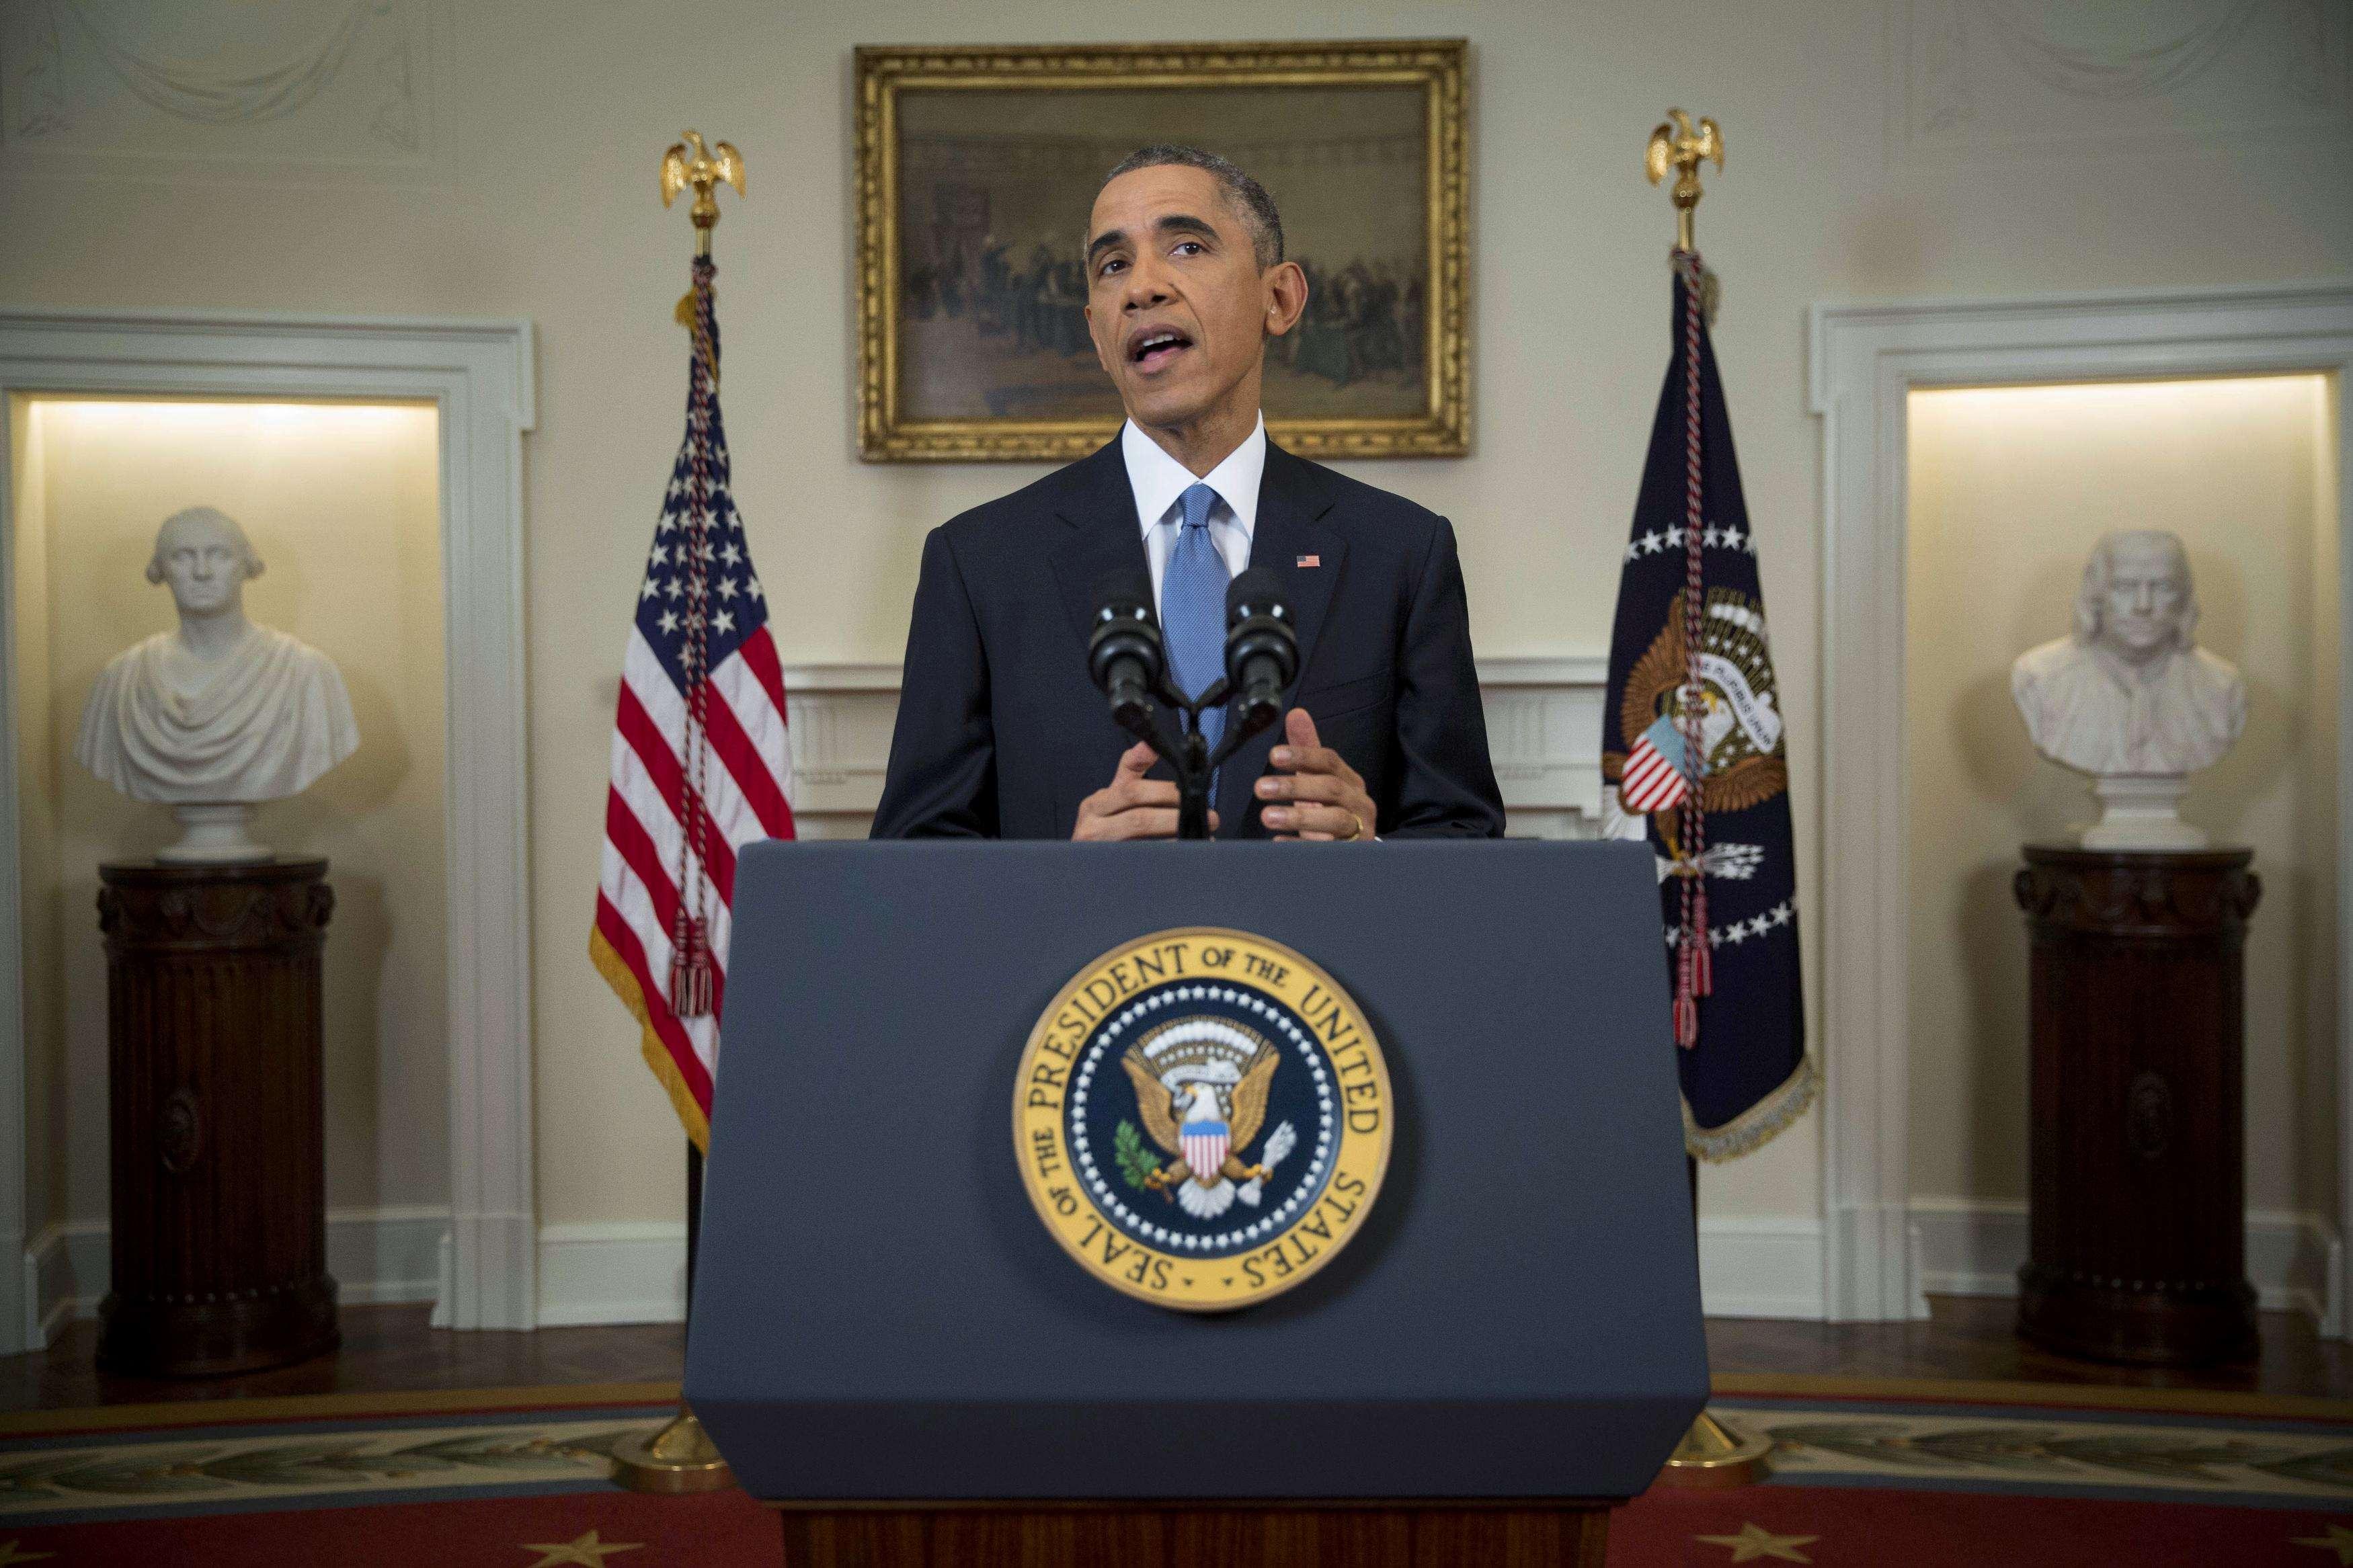 Obama habla sobre Cuba en un discurso a desde la Casa Blanca. Foto: Reuters en español